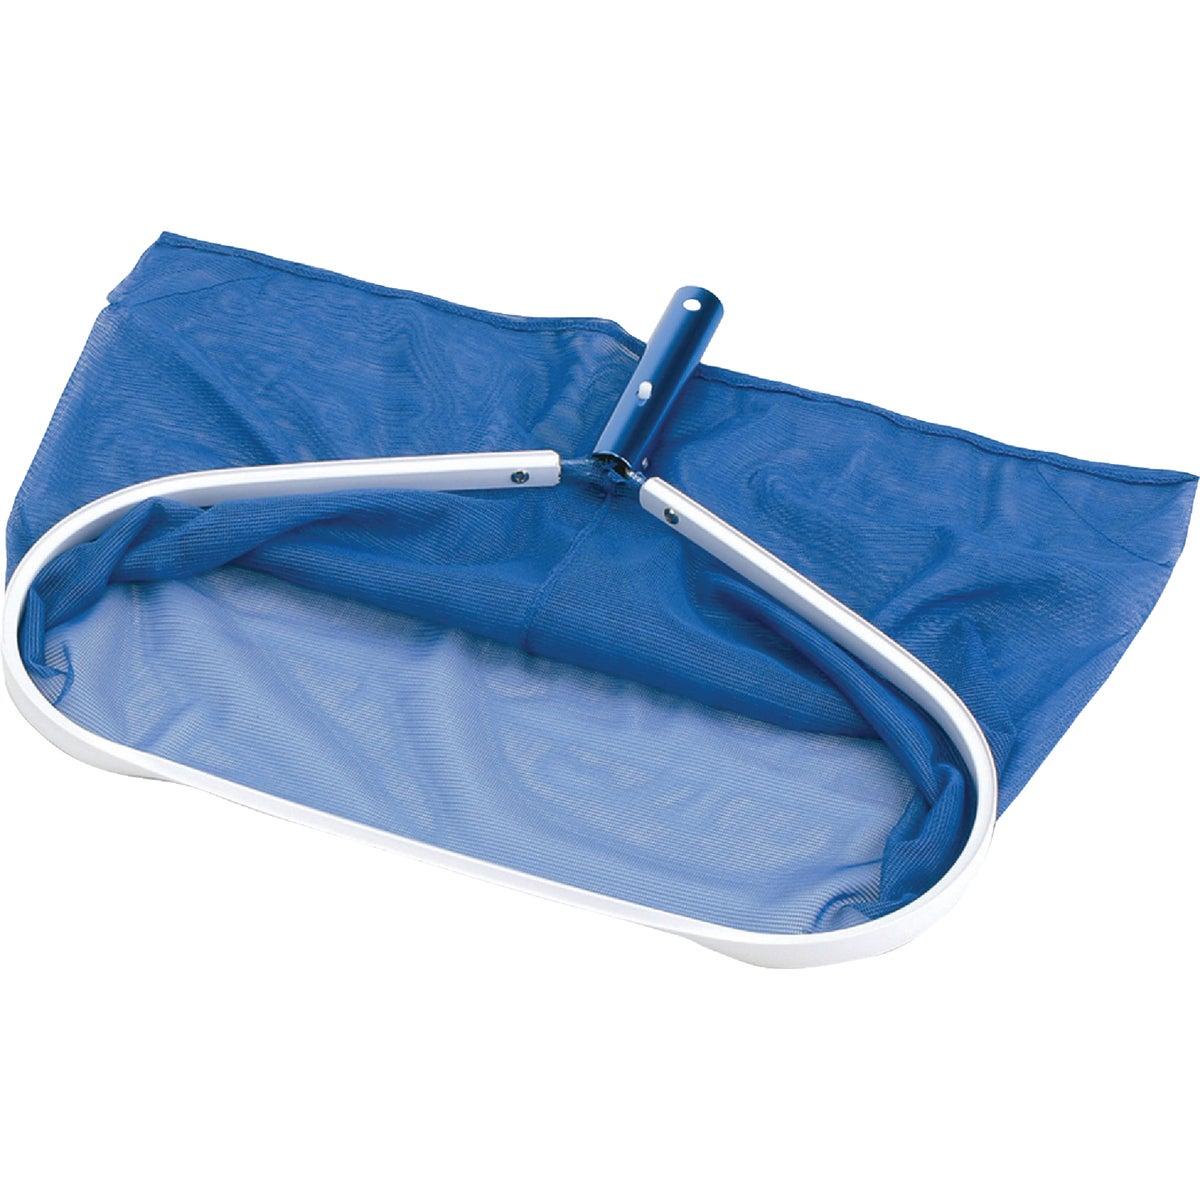 JED Pool Tools DELUXE LEAF RAKE 40-383